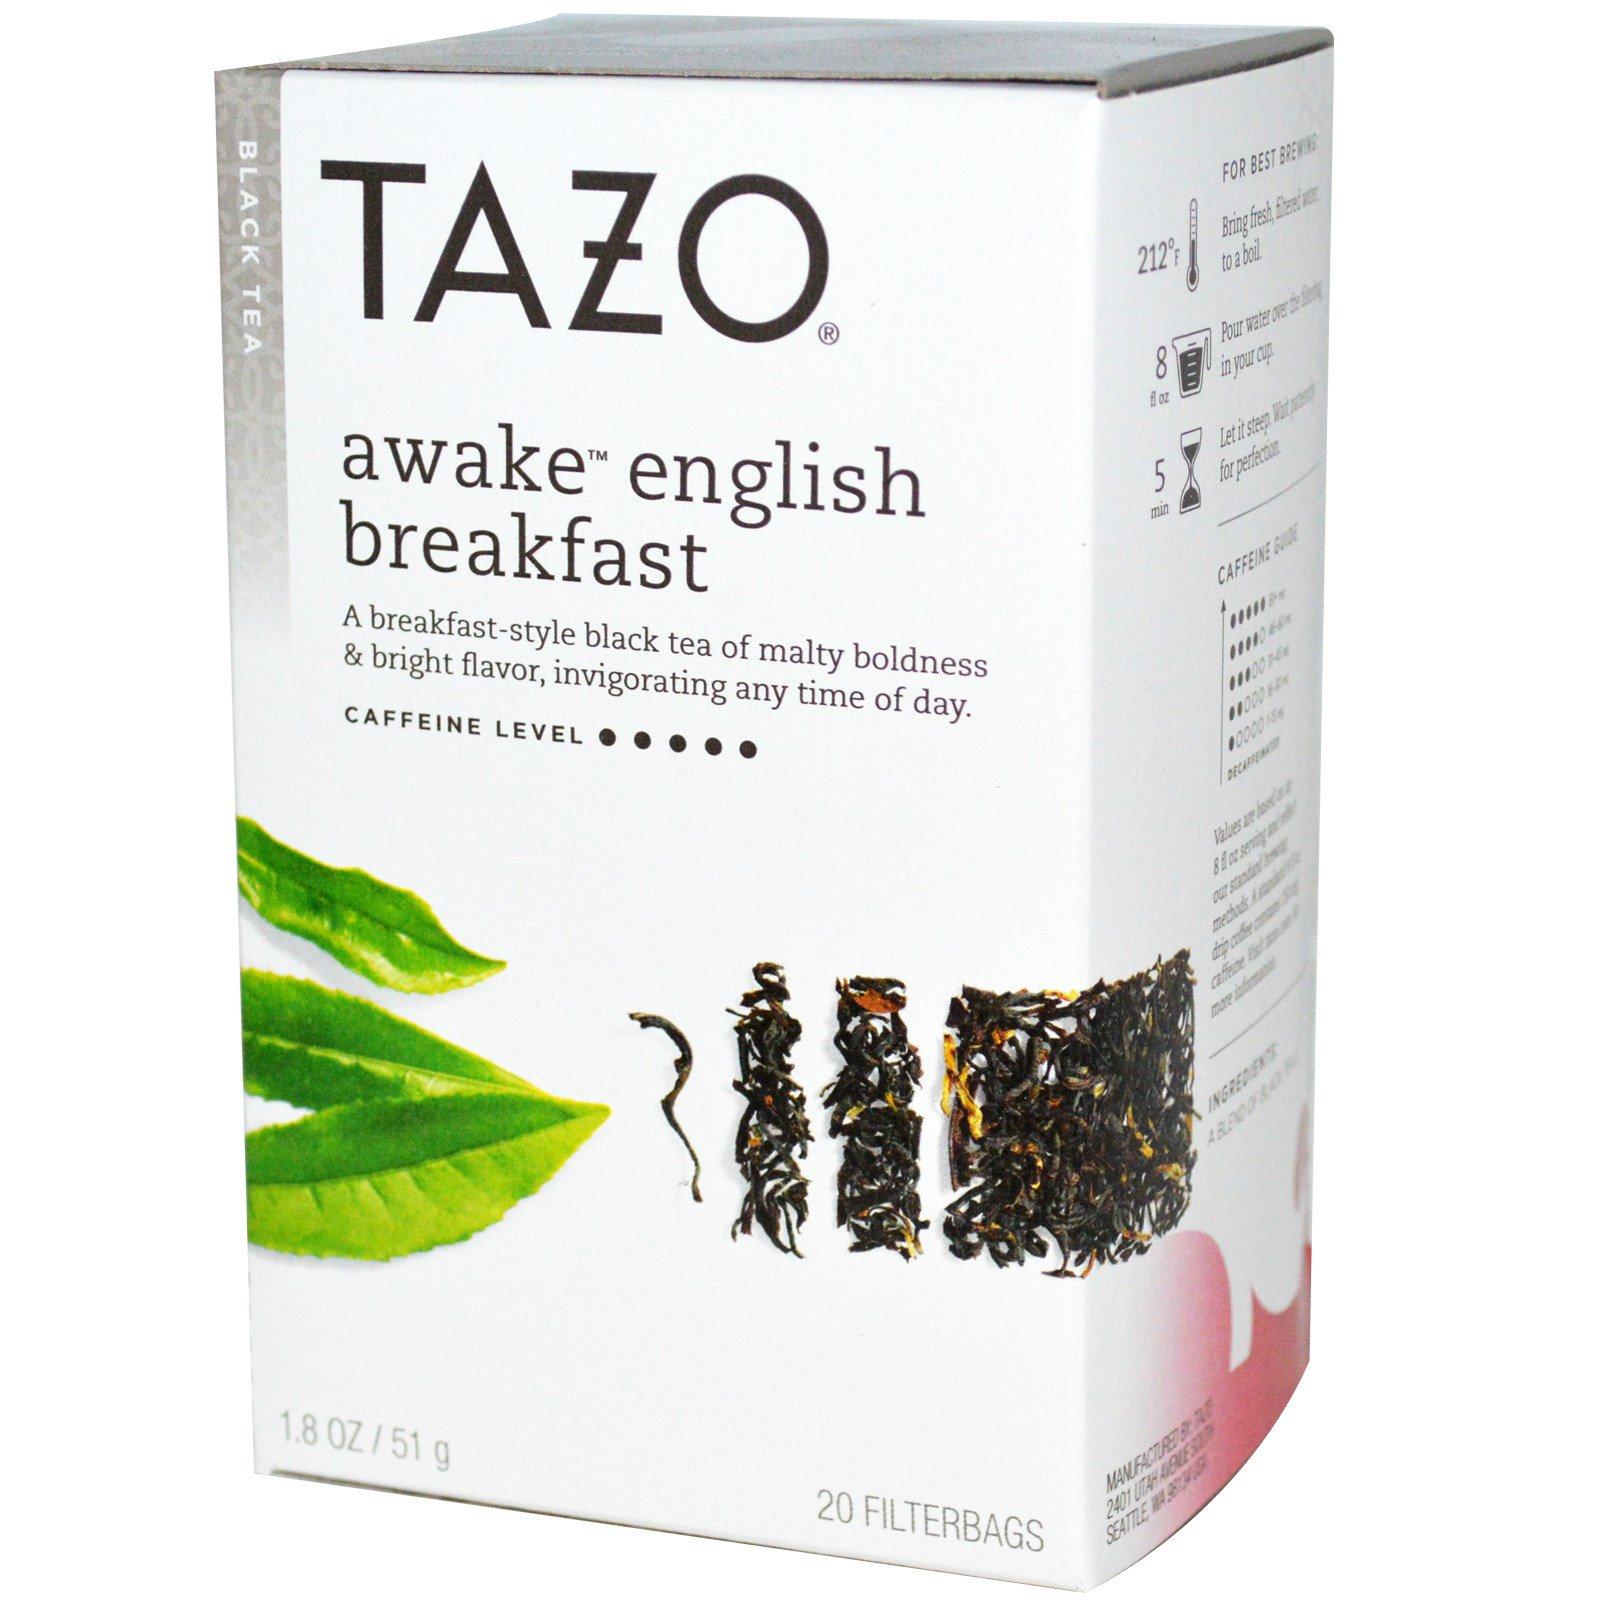 Tazotea